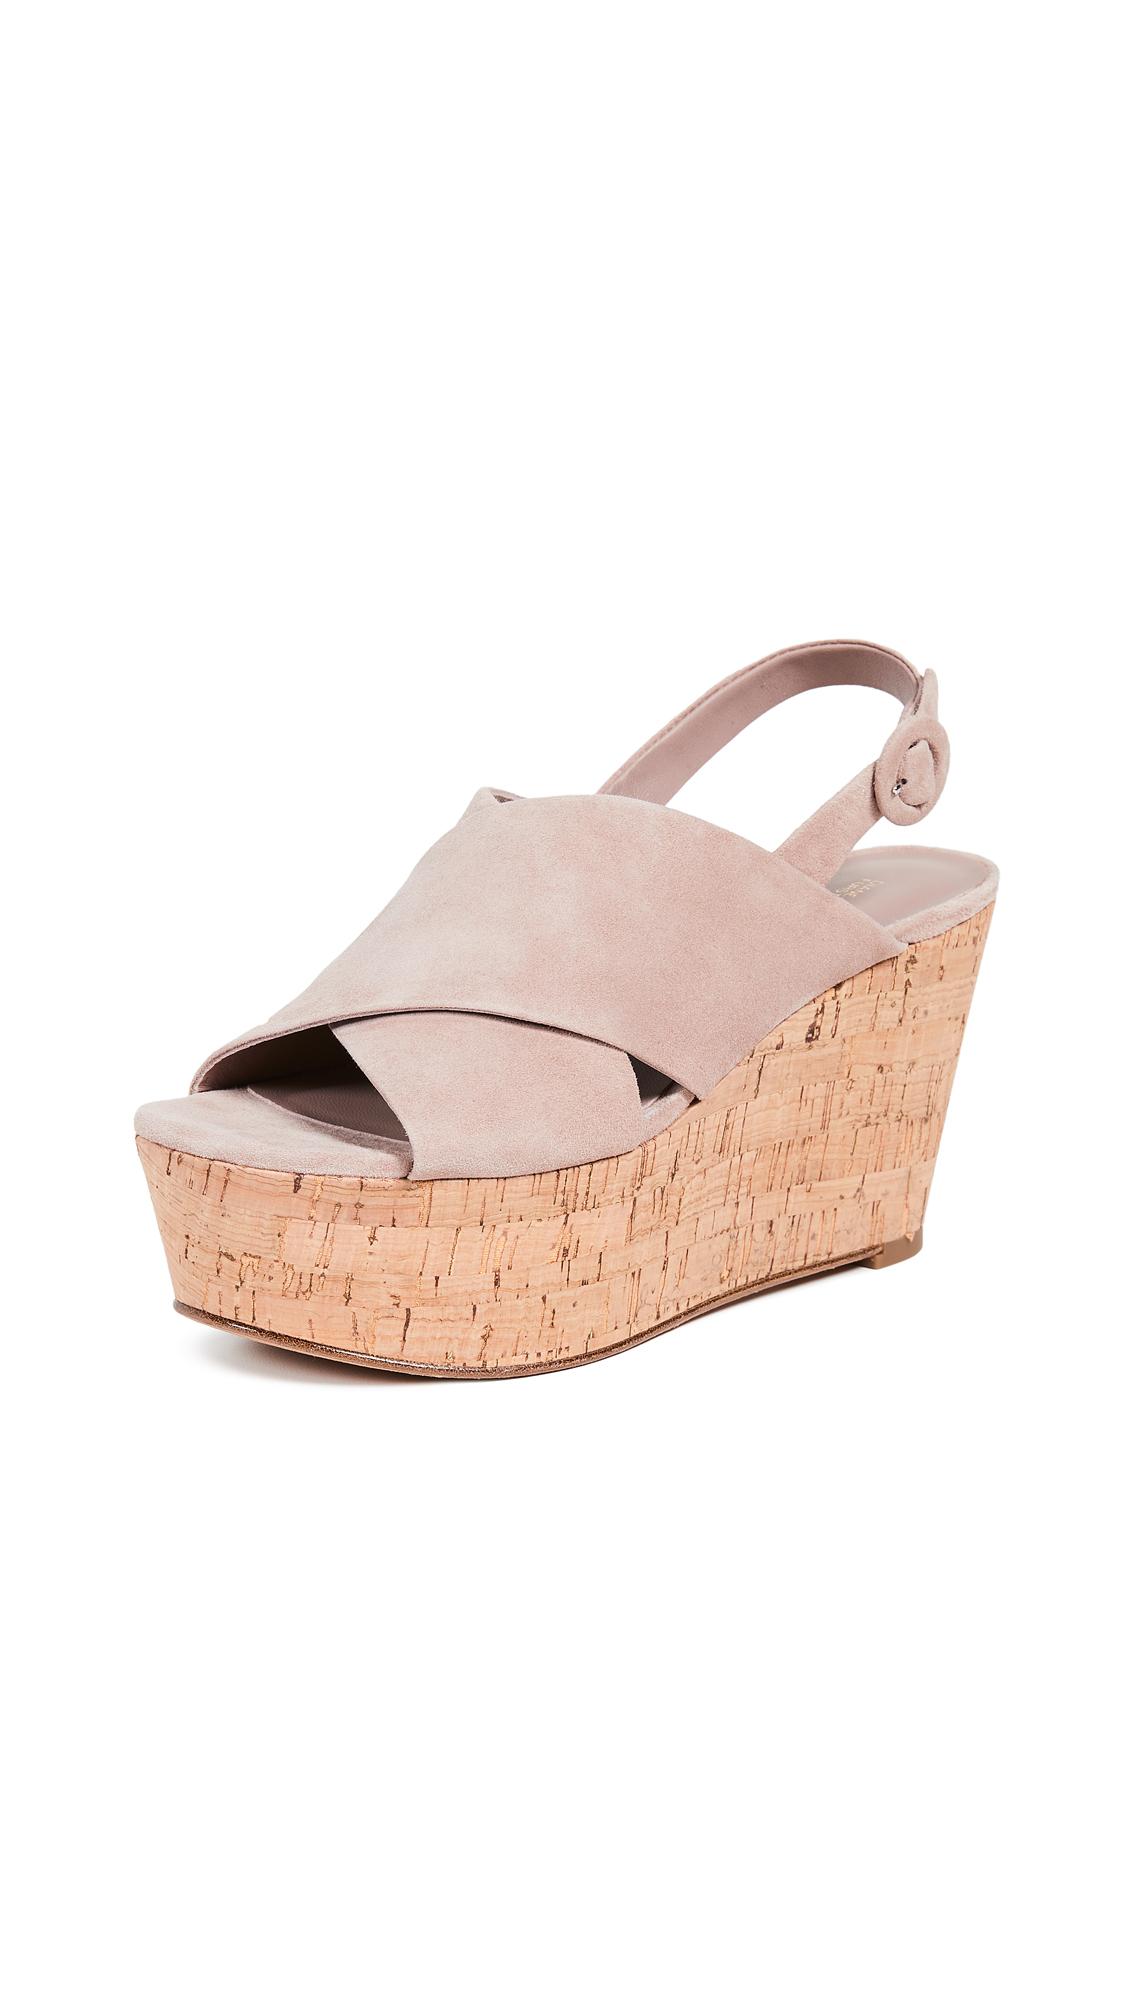 Diane von Furstenberg Juno Wedge Sandals - Powder